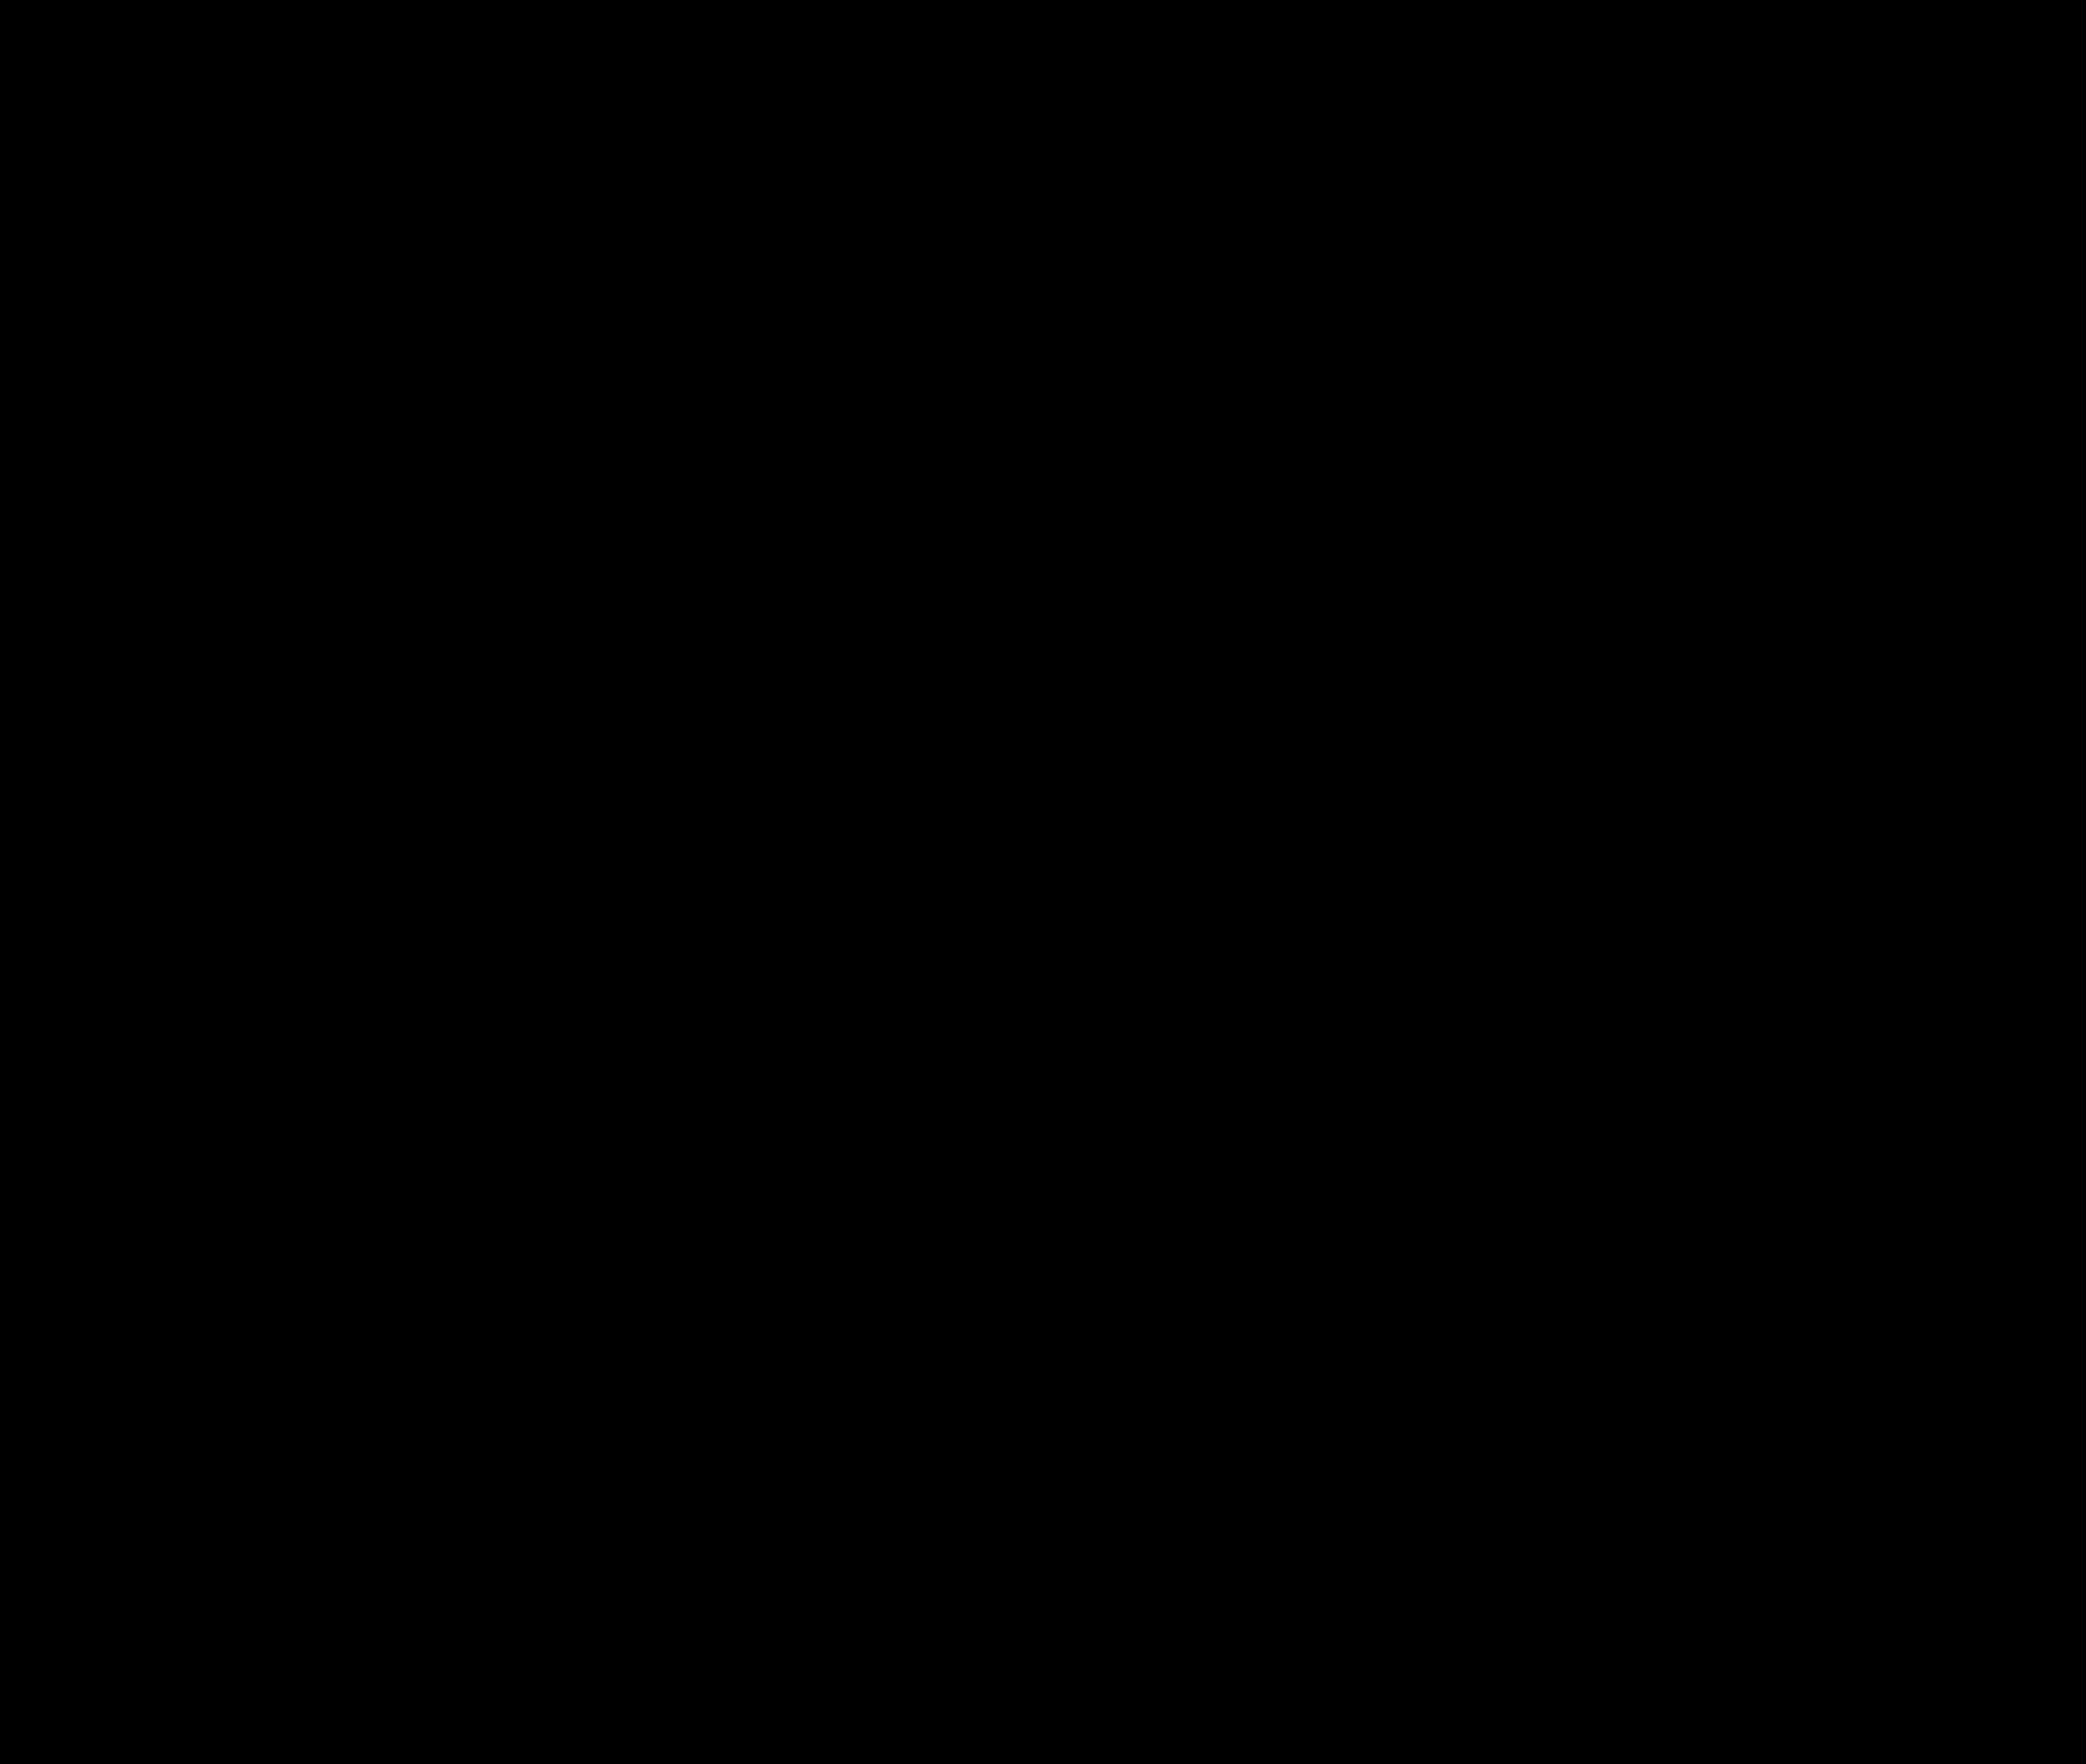 Letter Outline Clipart K.